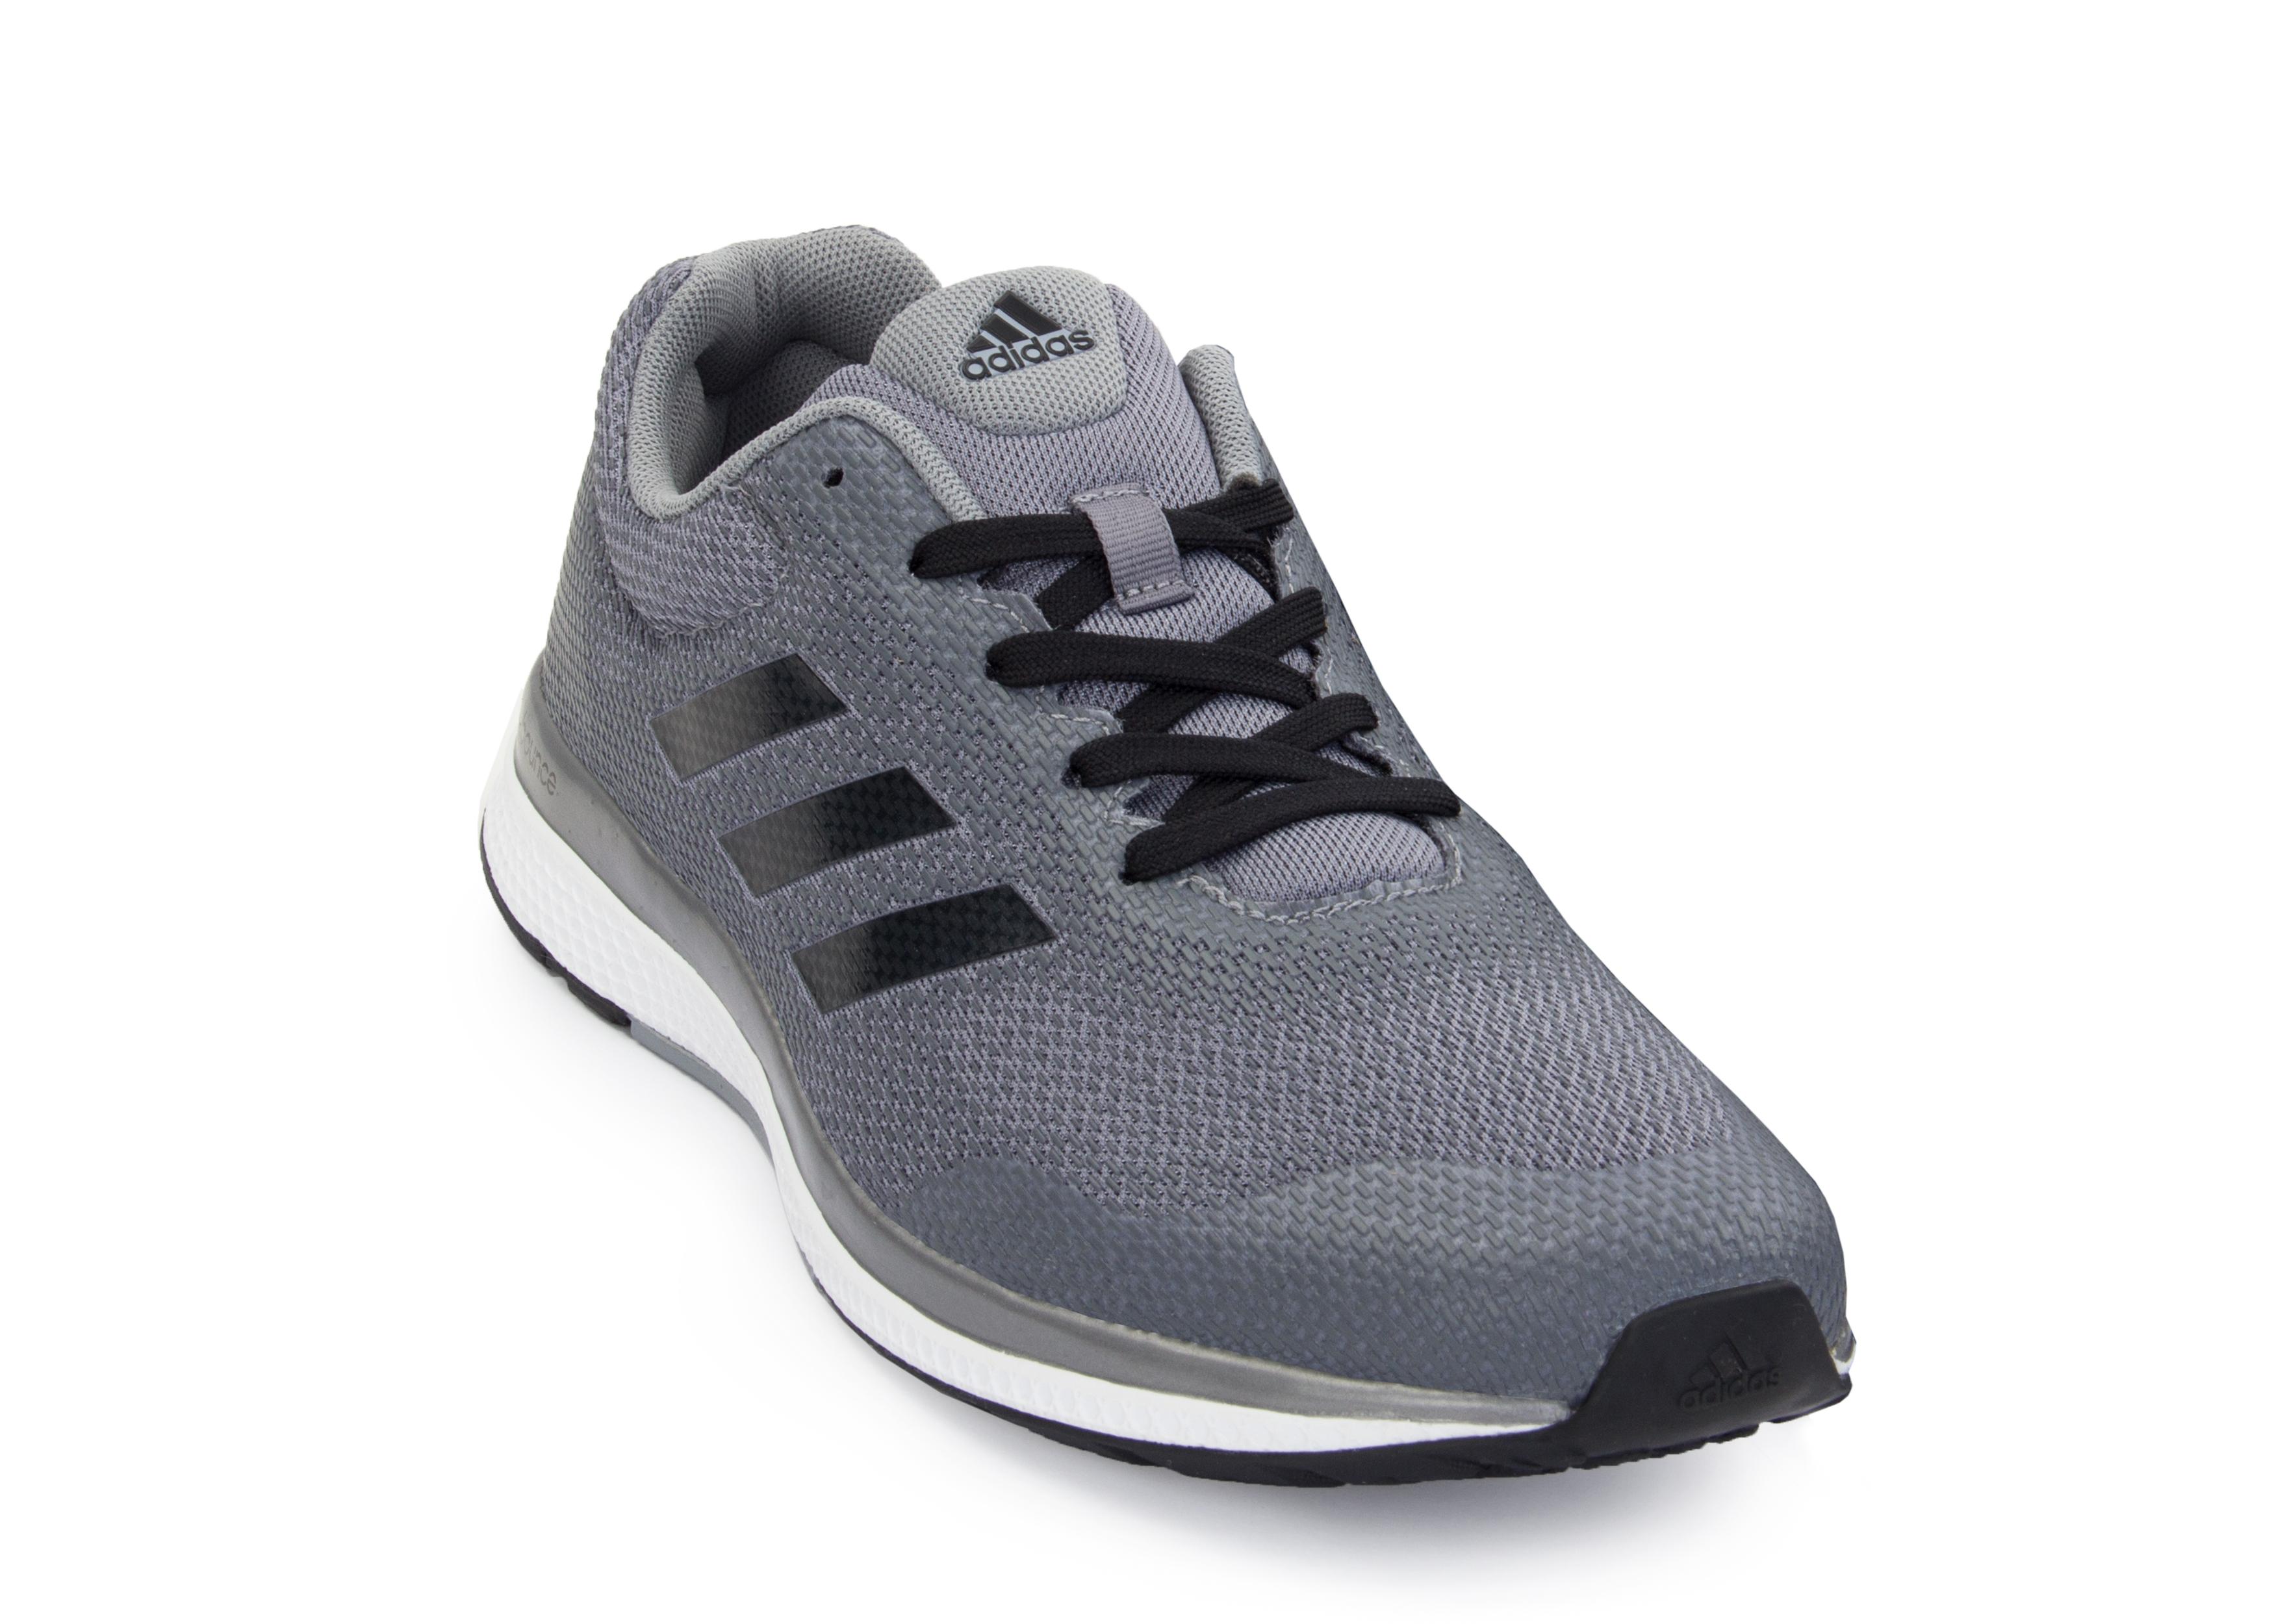 bba17148 Кроссовки мужские Adidas Bounce 2 B39019 - Сеть спортивных магазинов ...